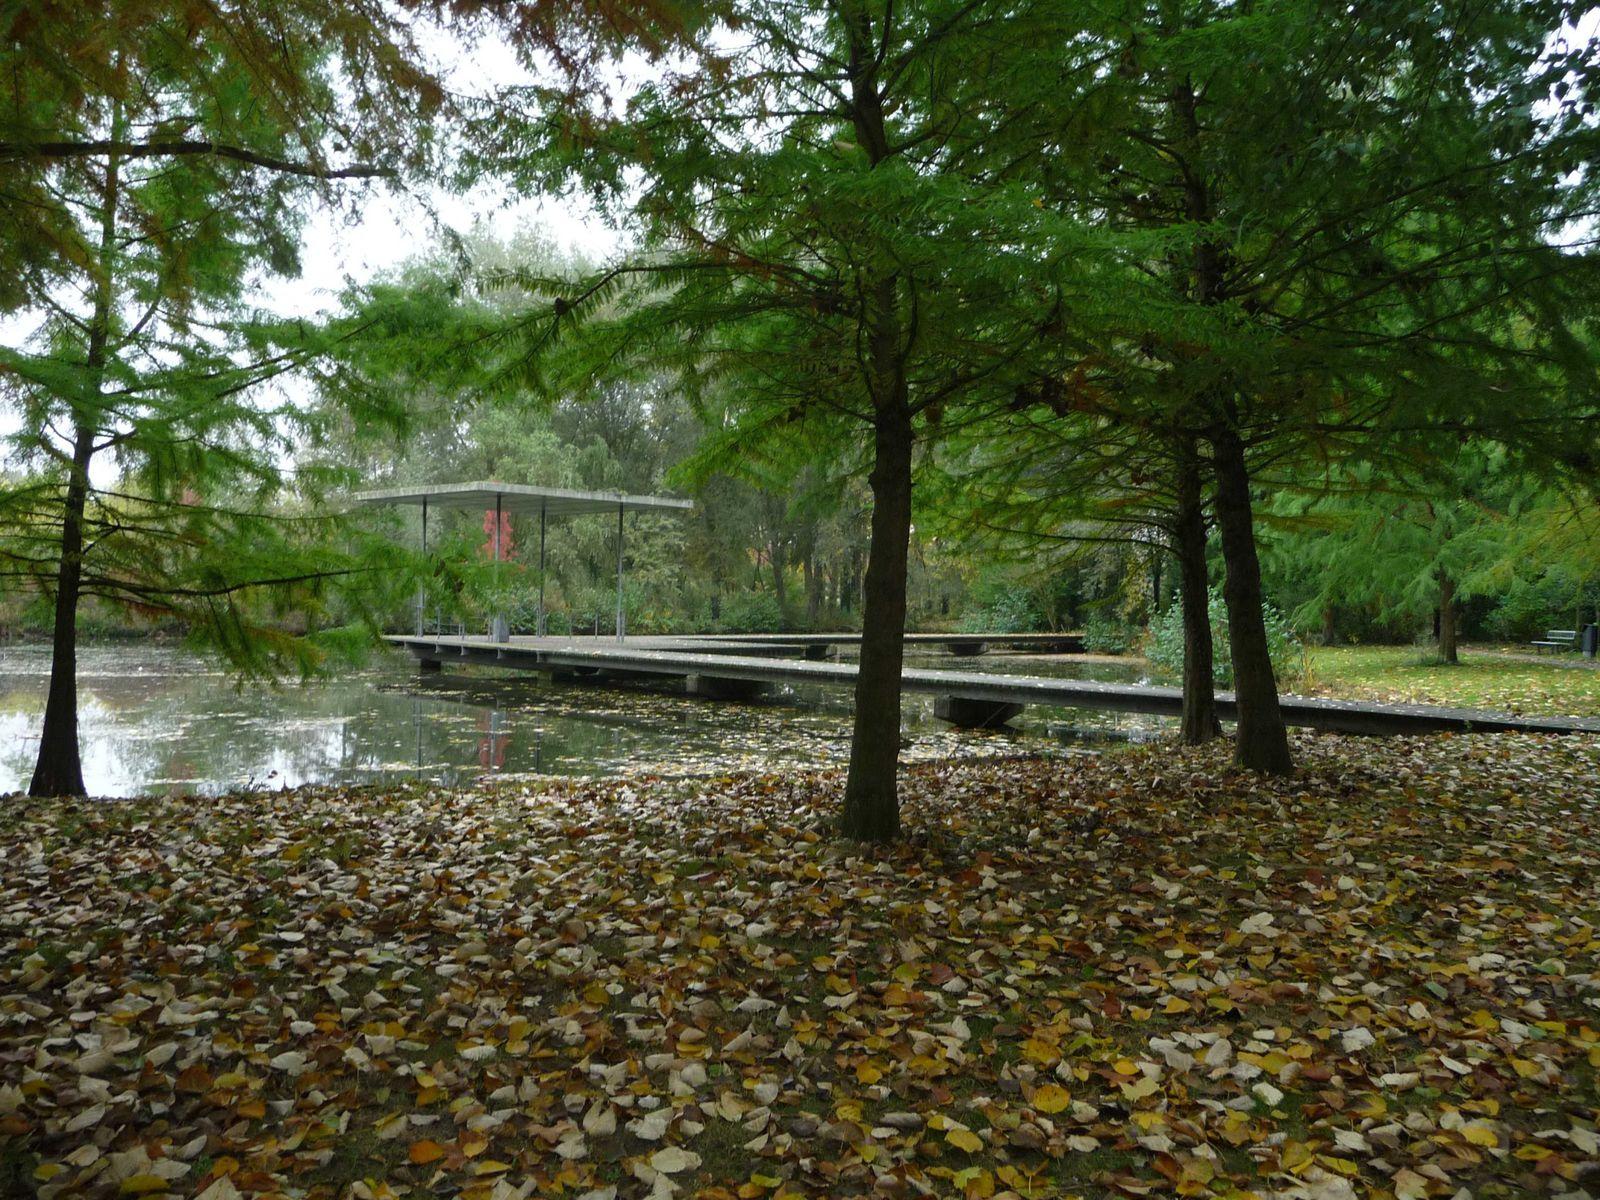 aujourd'hui c'est l'automne, les feuilles nous rappellent les souvenirs.